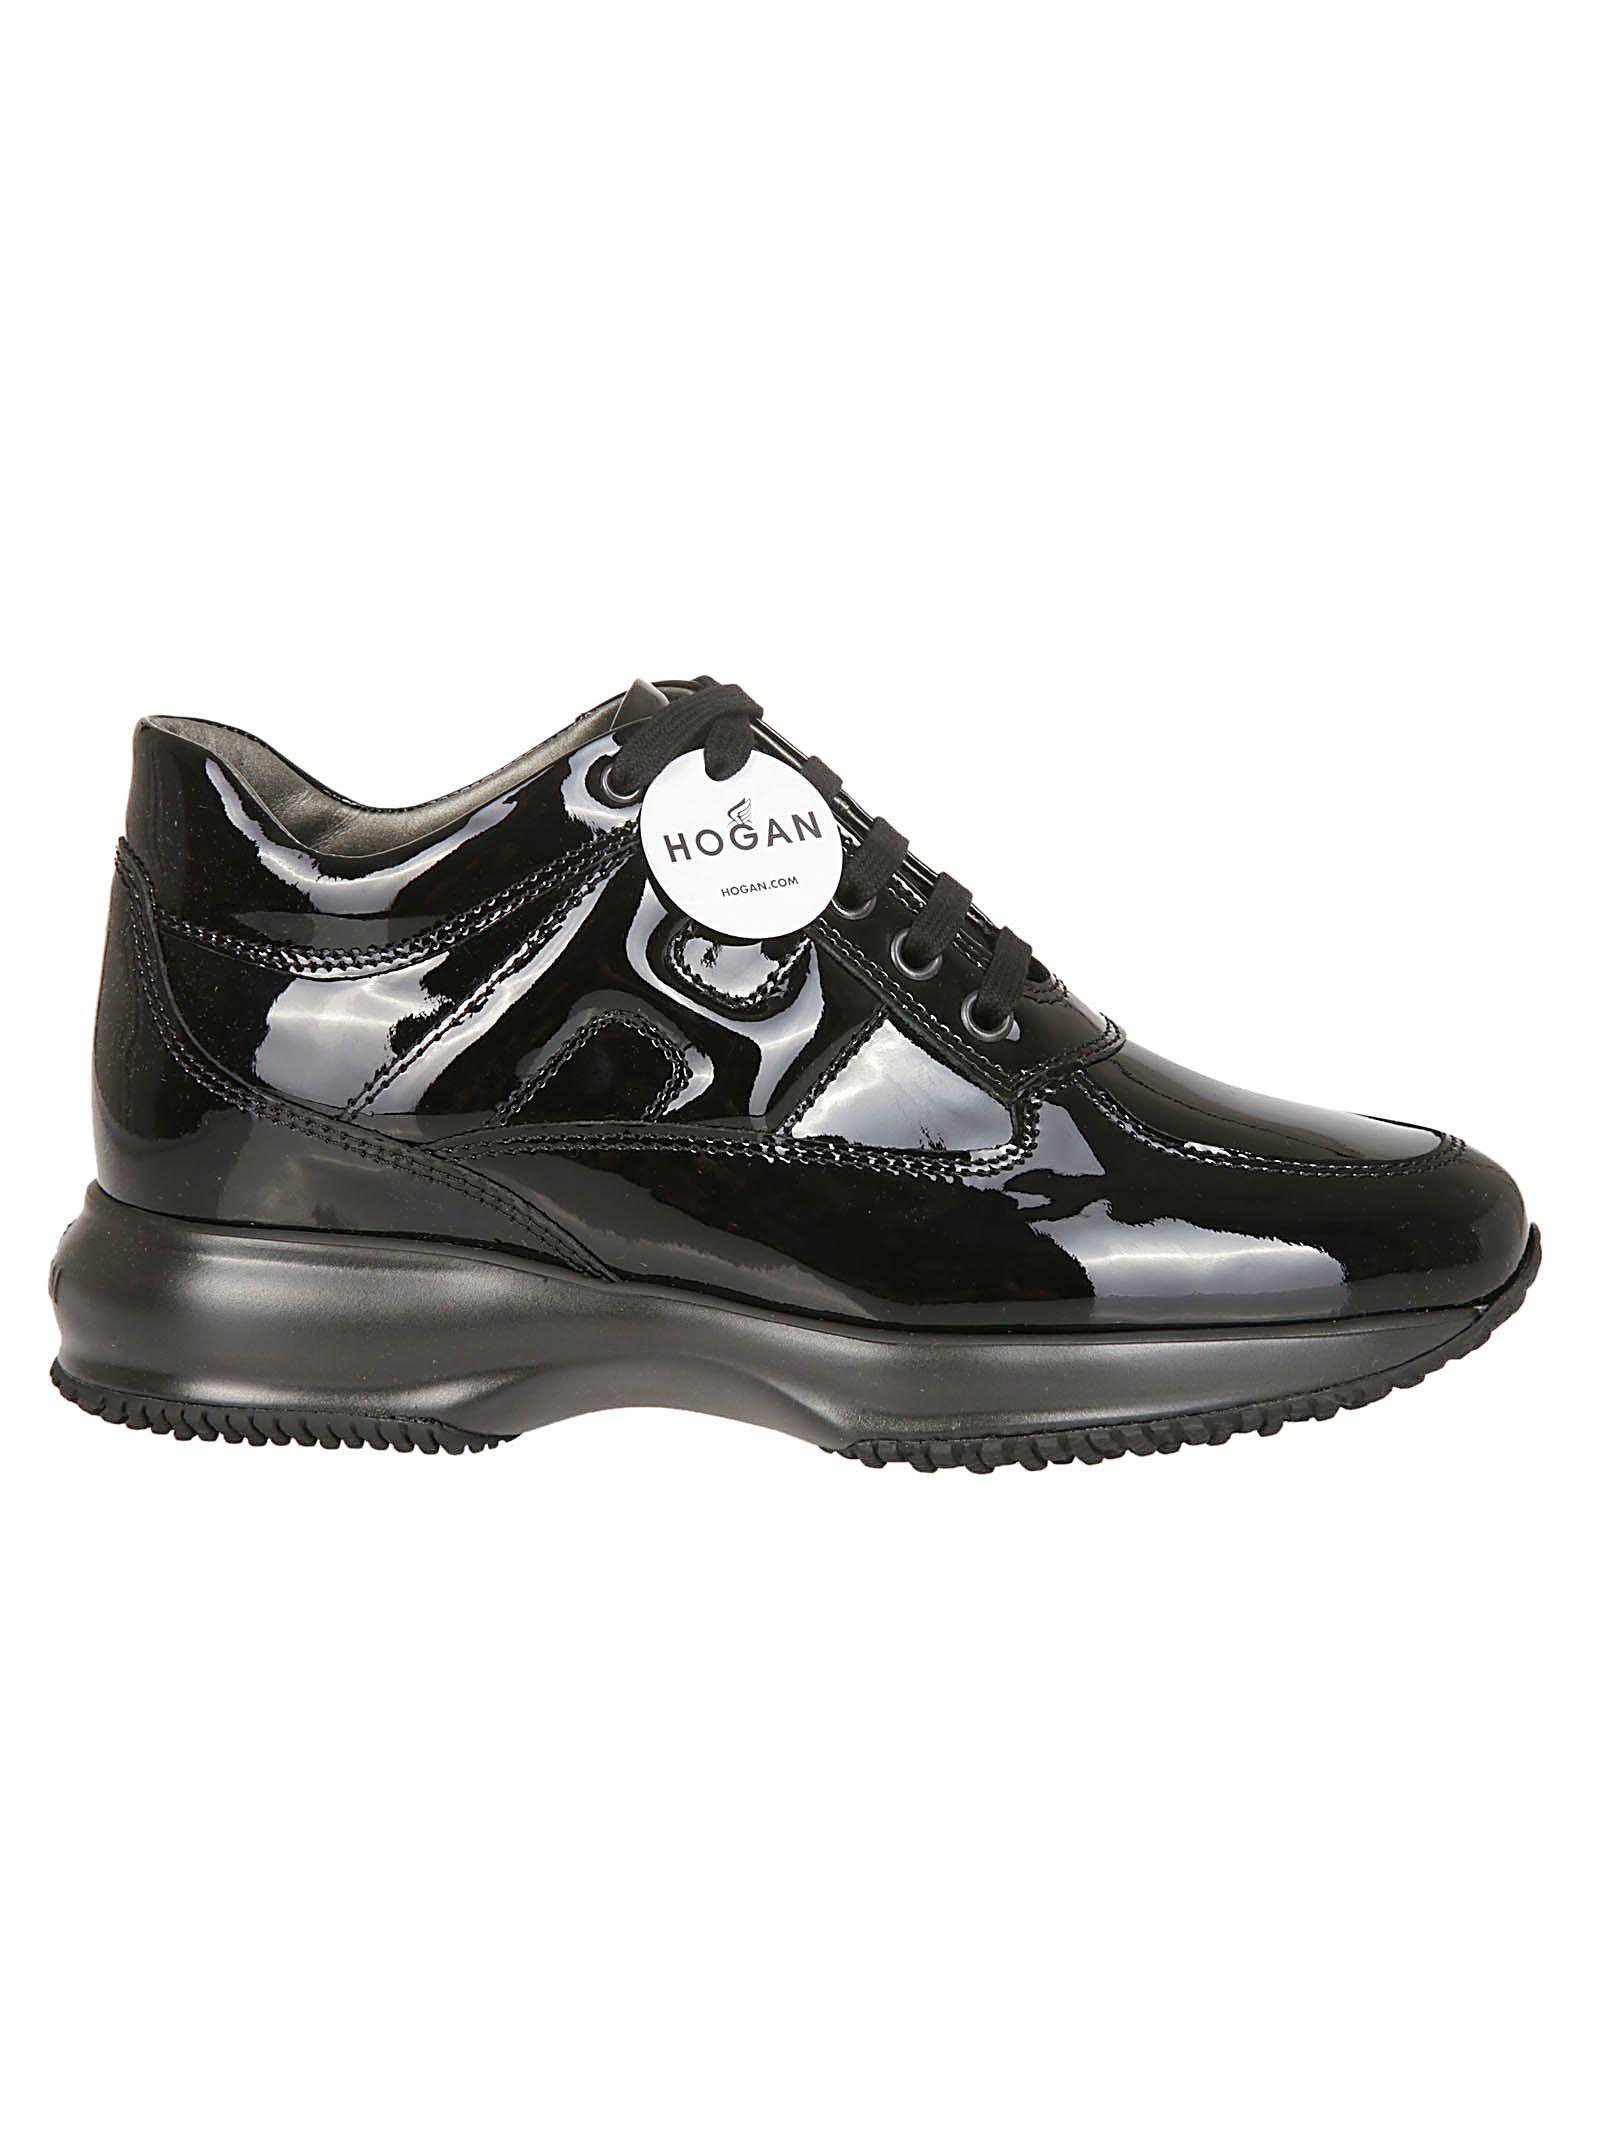 Hogan Hogan Interactive Sneakers - Black - 10738409  3d8f6eb9f4d